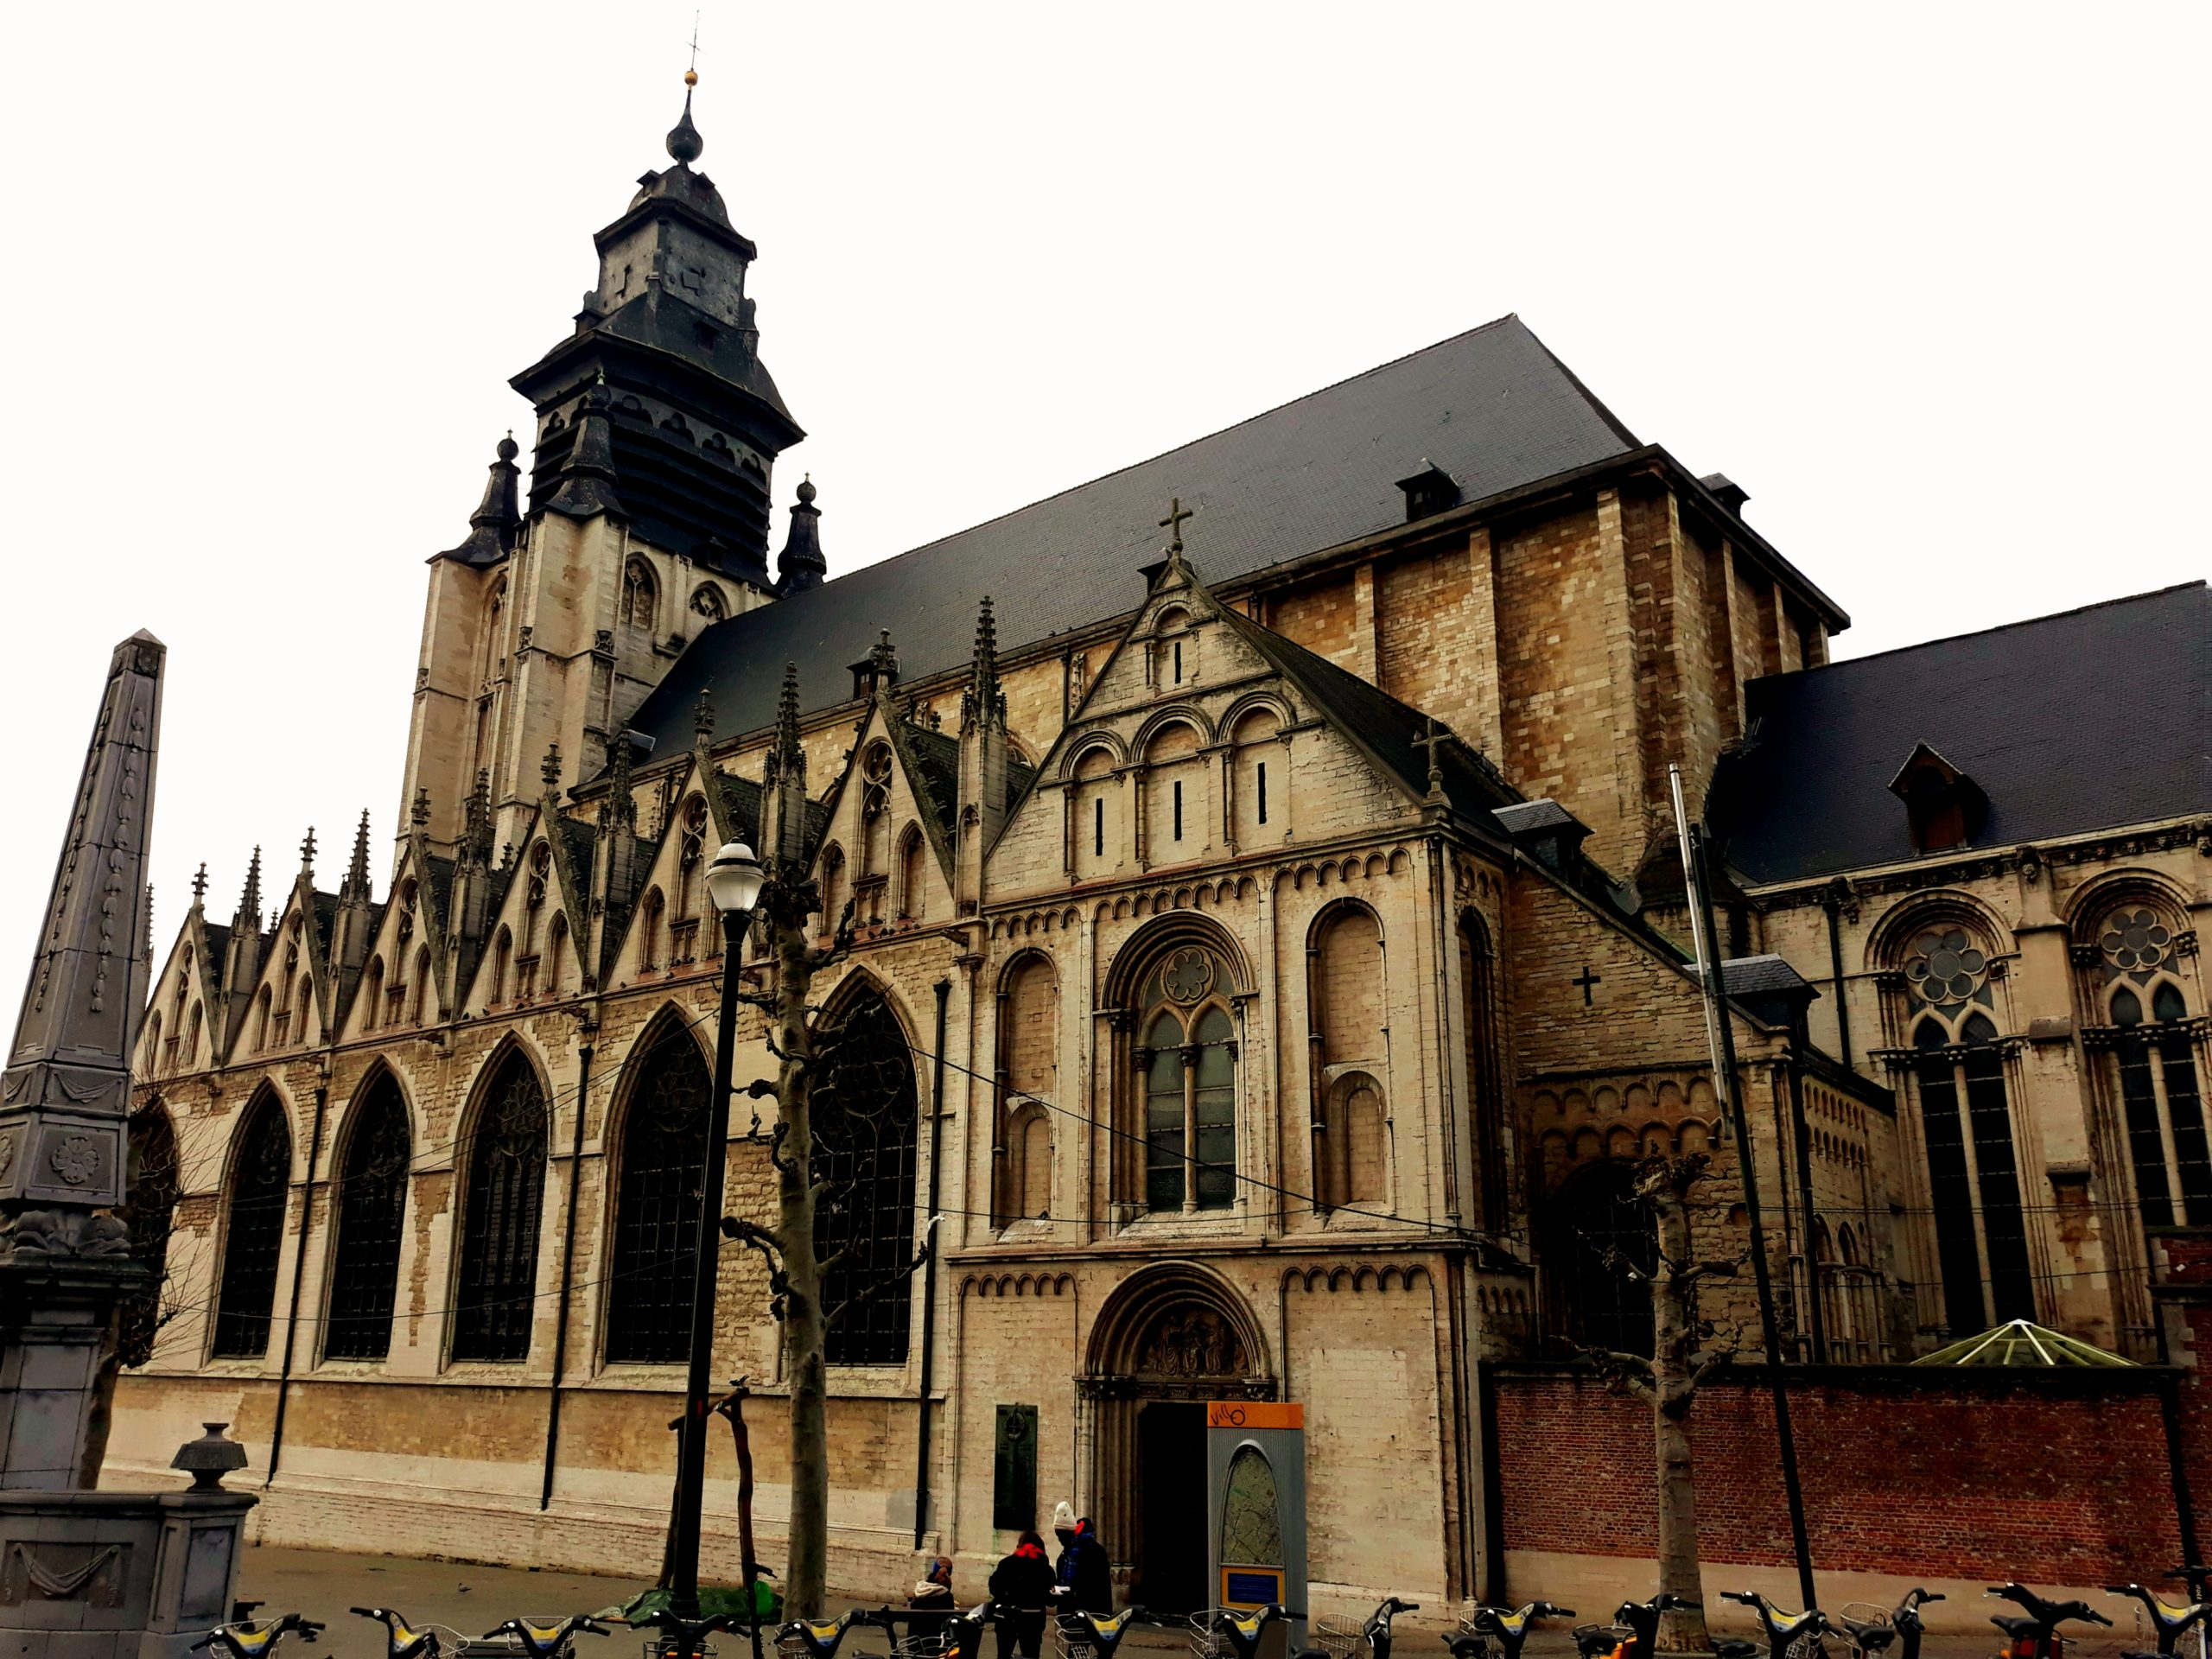 Eglise de la Chapelle, point de rdv de la visite Bruxelles 1000 ans de luttes de Brssels By Foot